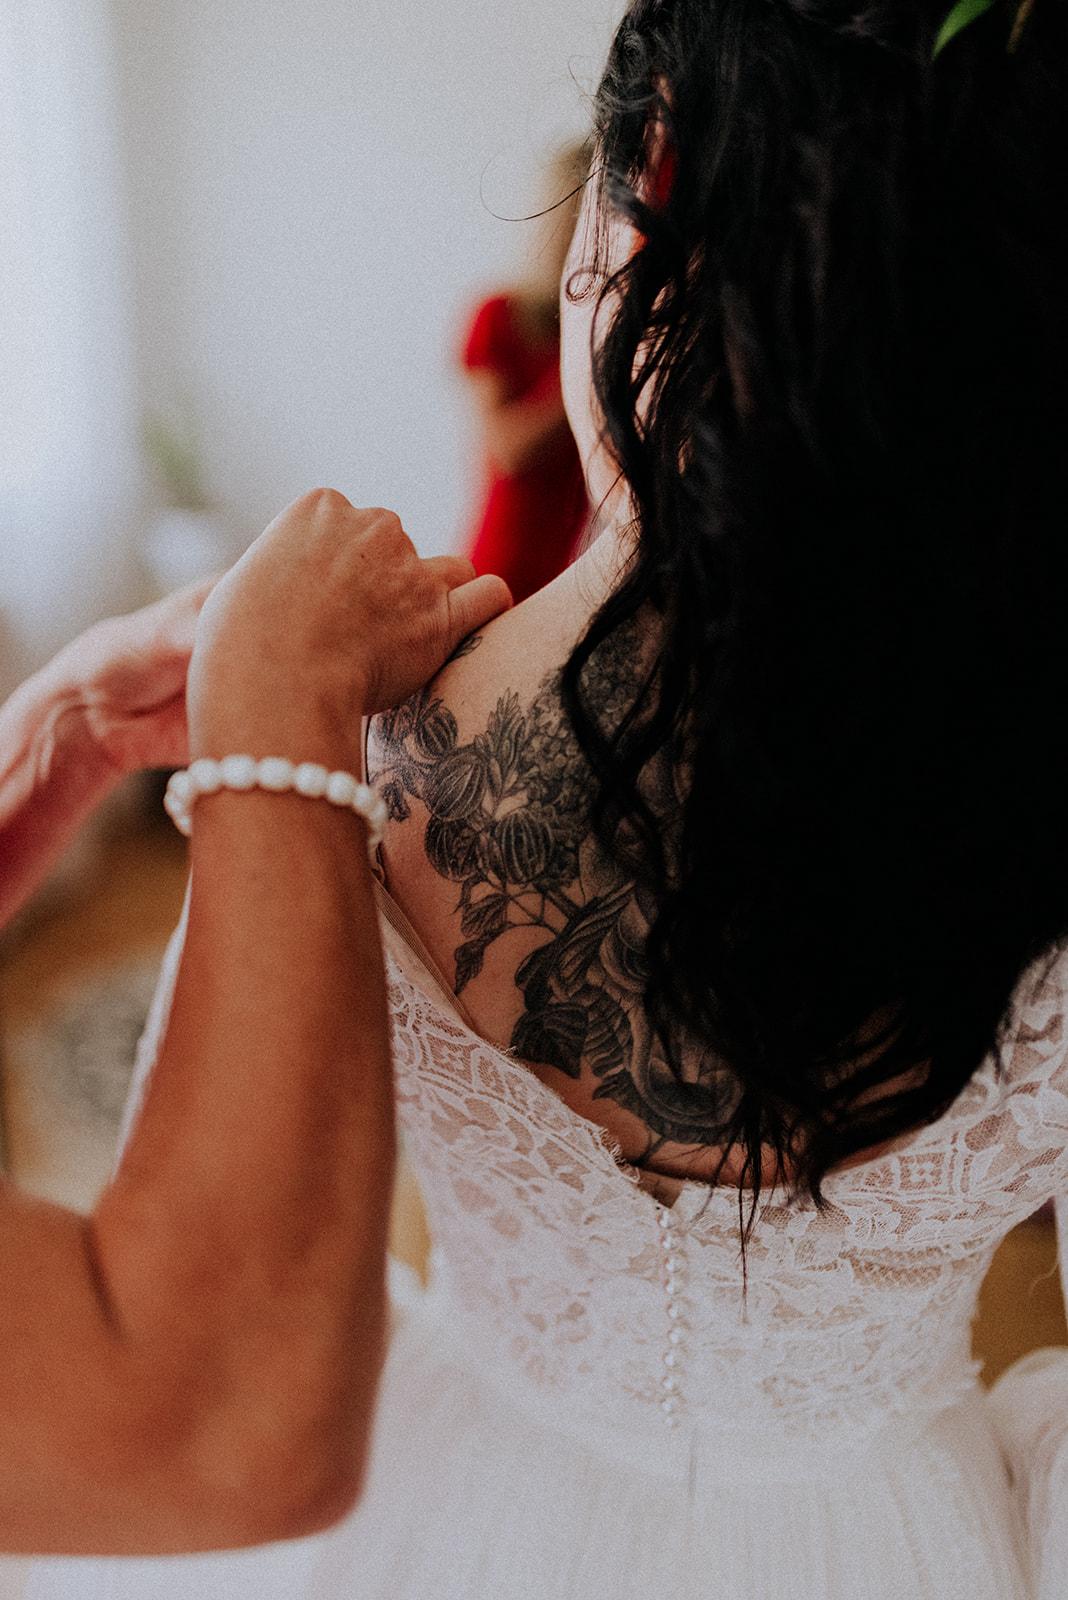 Baśniowy ślub w Tabunie | ceremonia w plenerze A+M 14 alebosco ania mateusz tabun 74